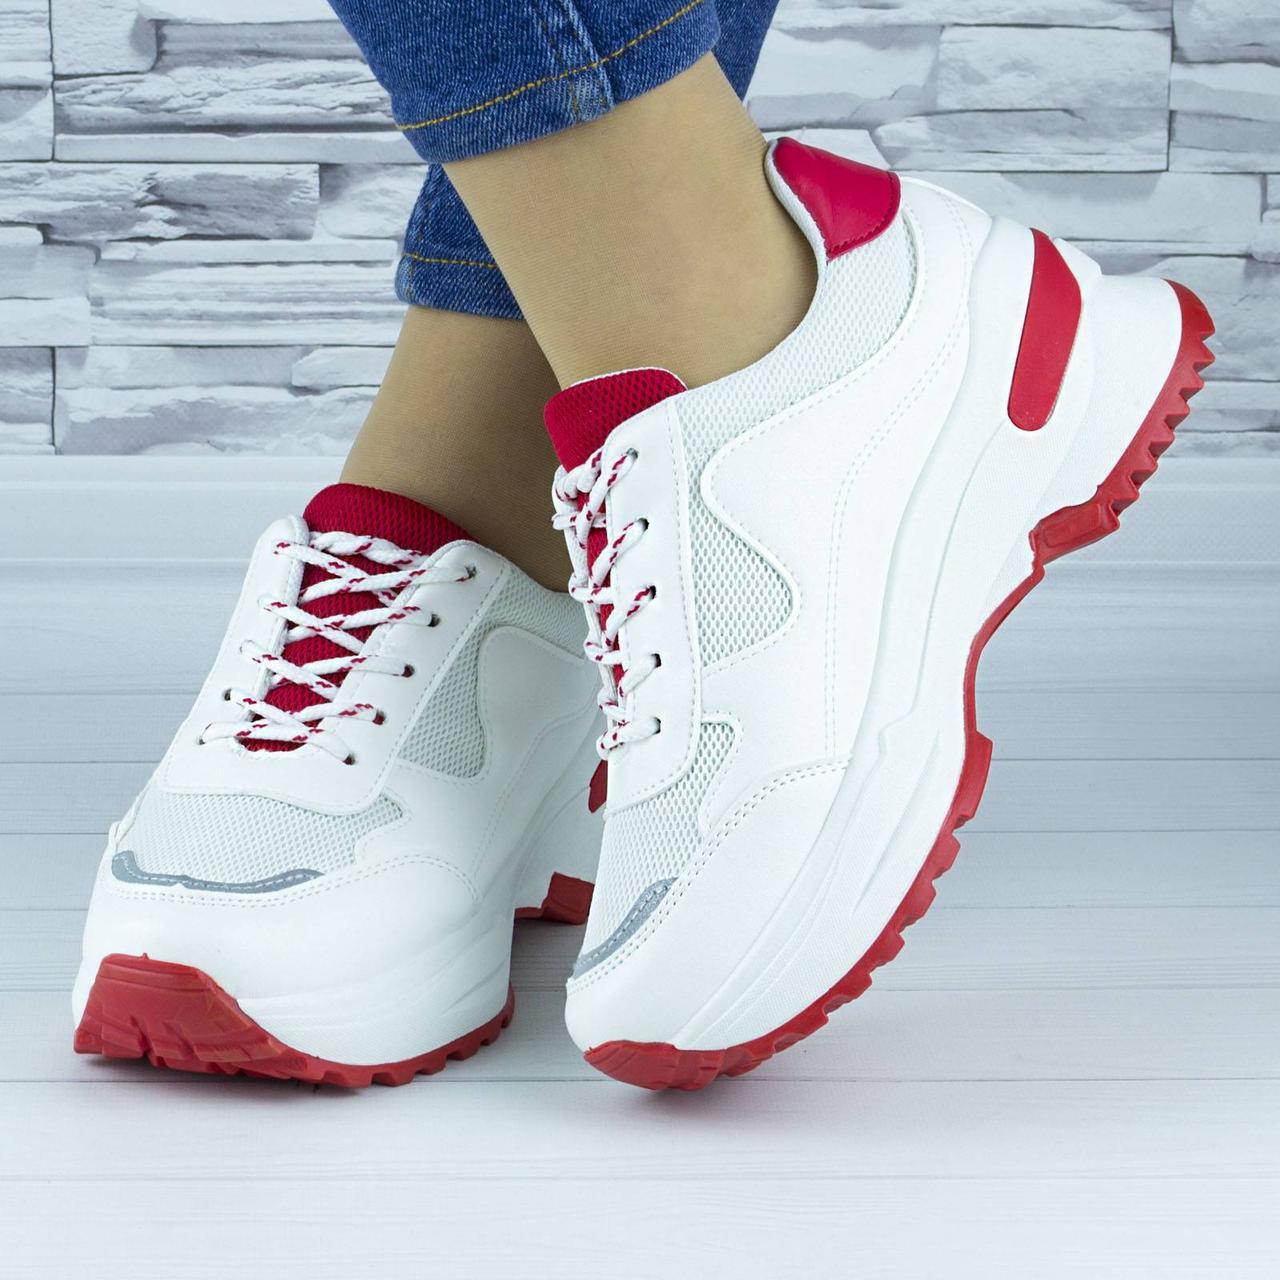 Кросівки жіночі білі з червоним демісезонні еко шкіра (b-669)